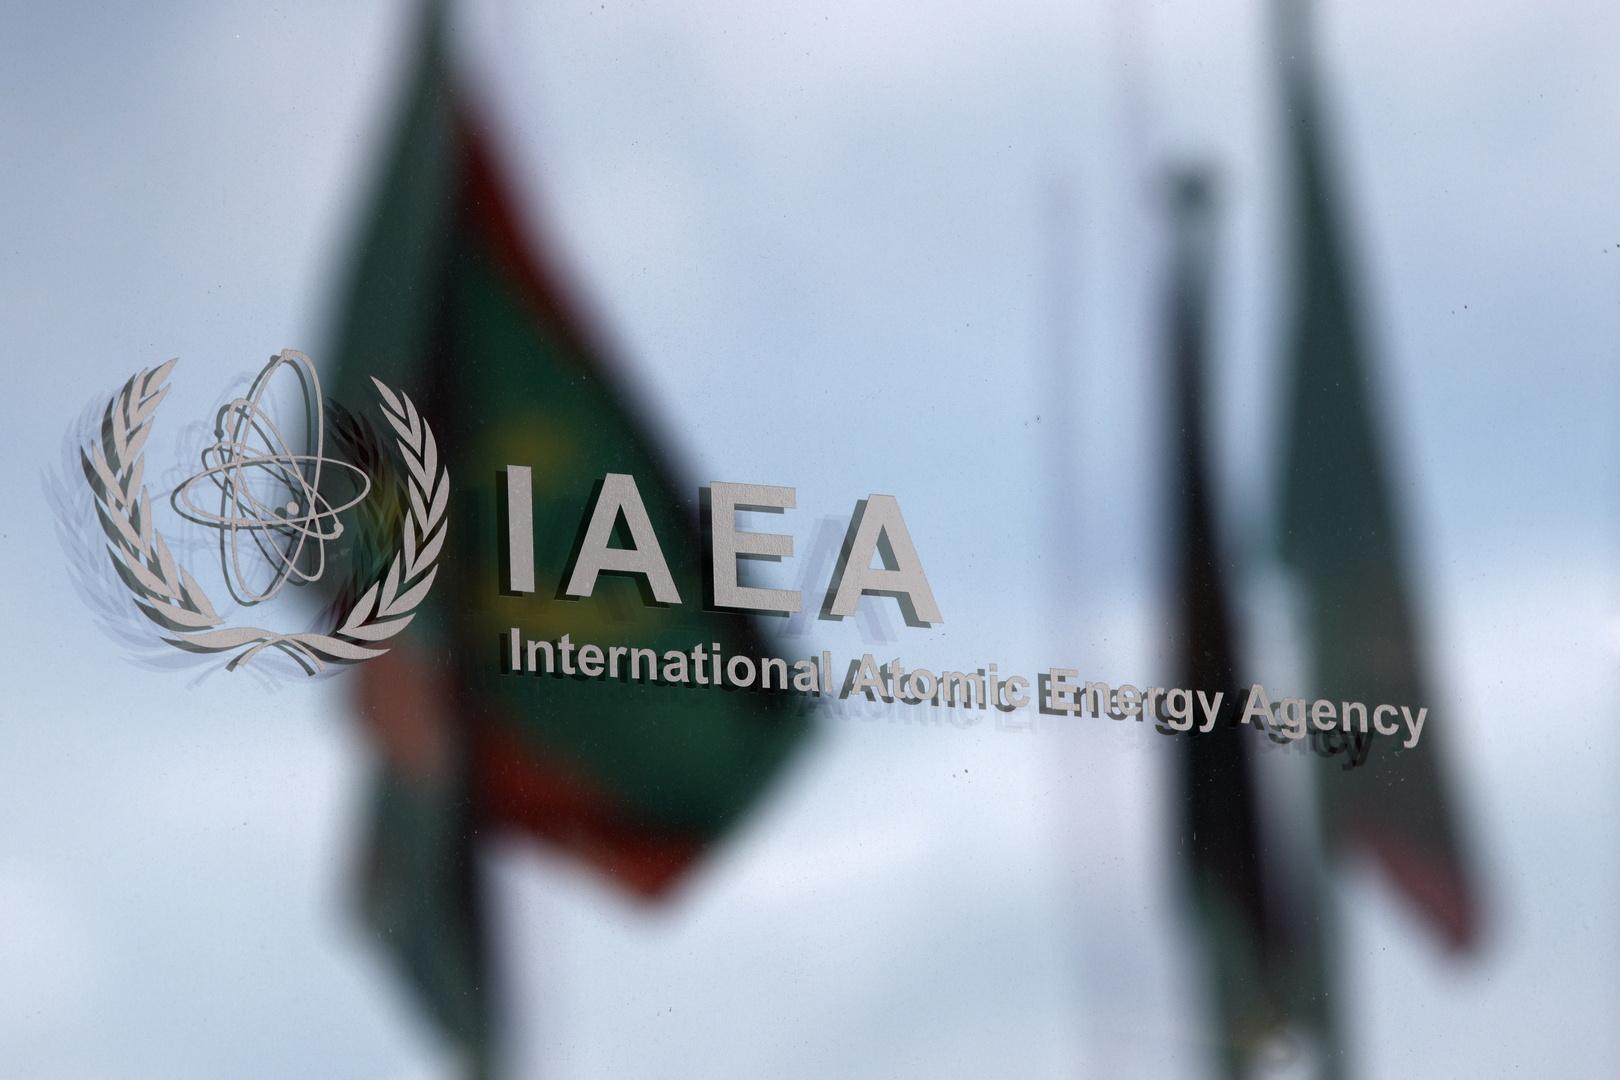 مسؤول بارز في الوكالة الدولية للطاقة الذرية يزور إيران قريبا